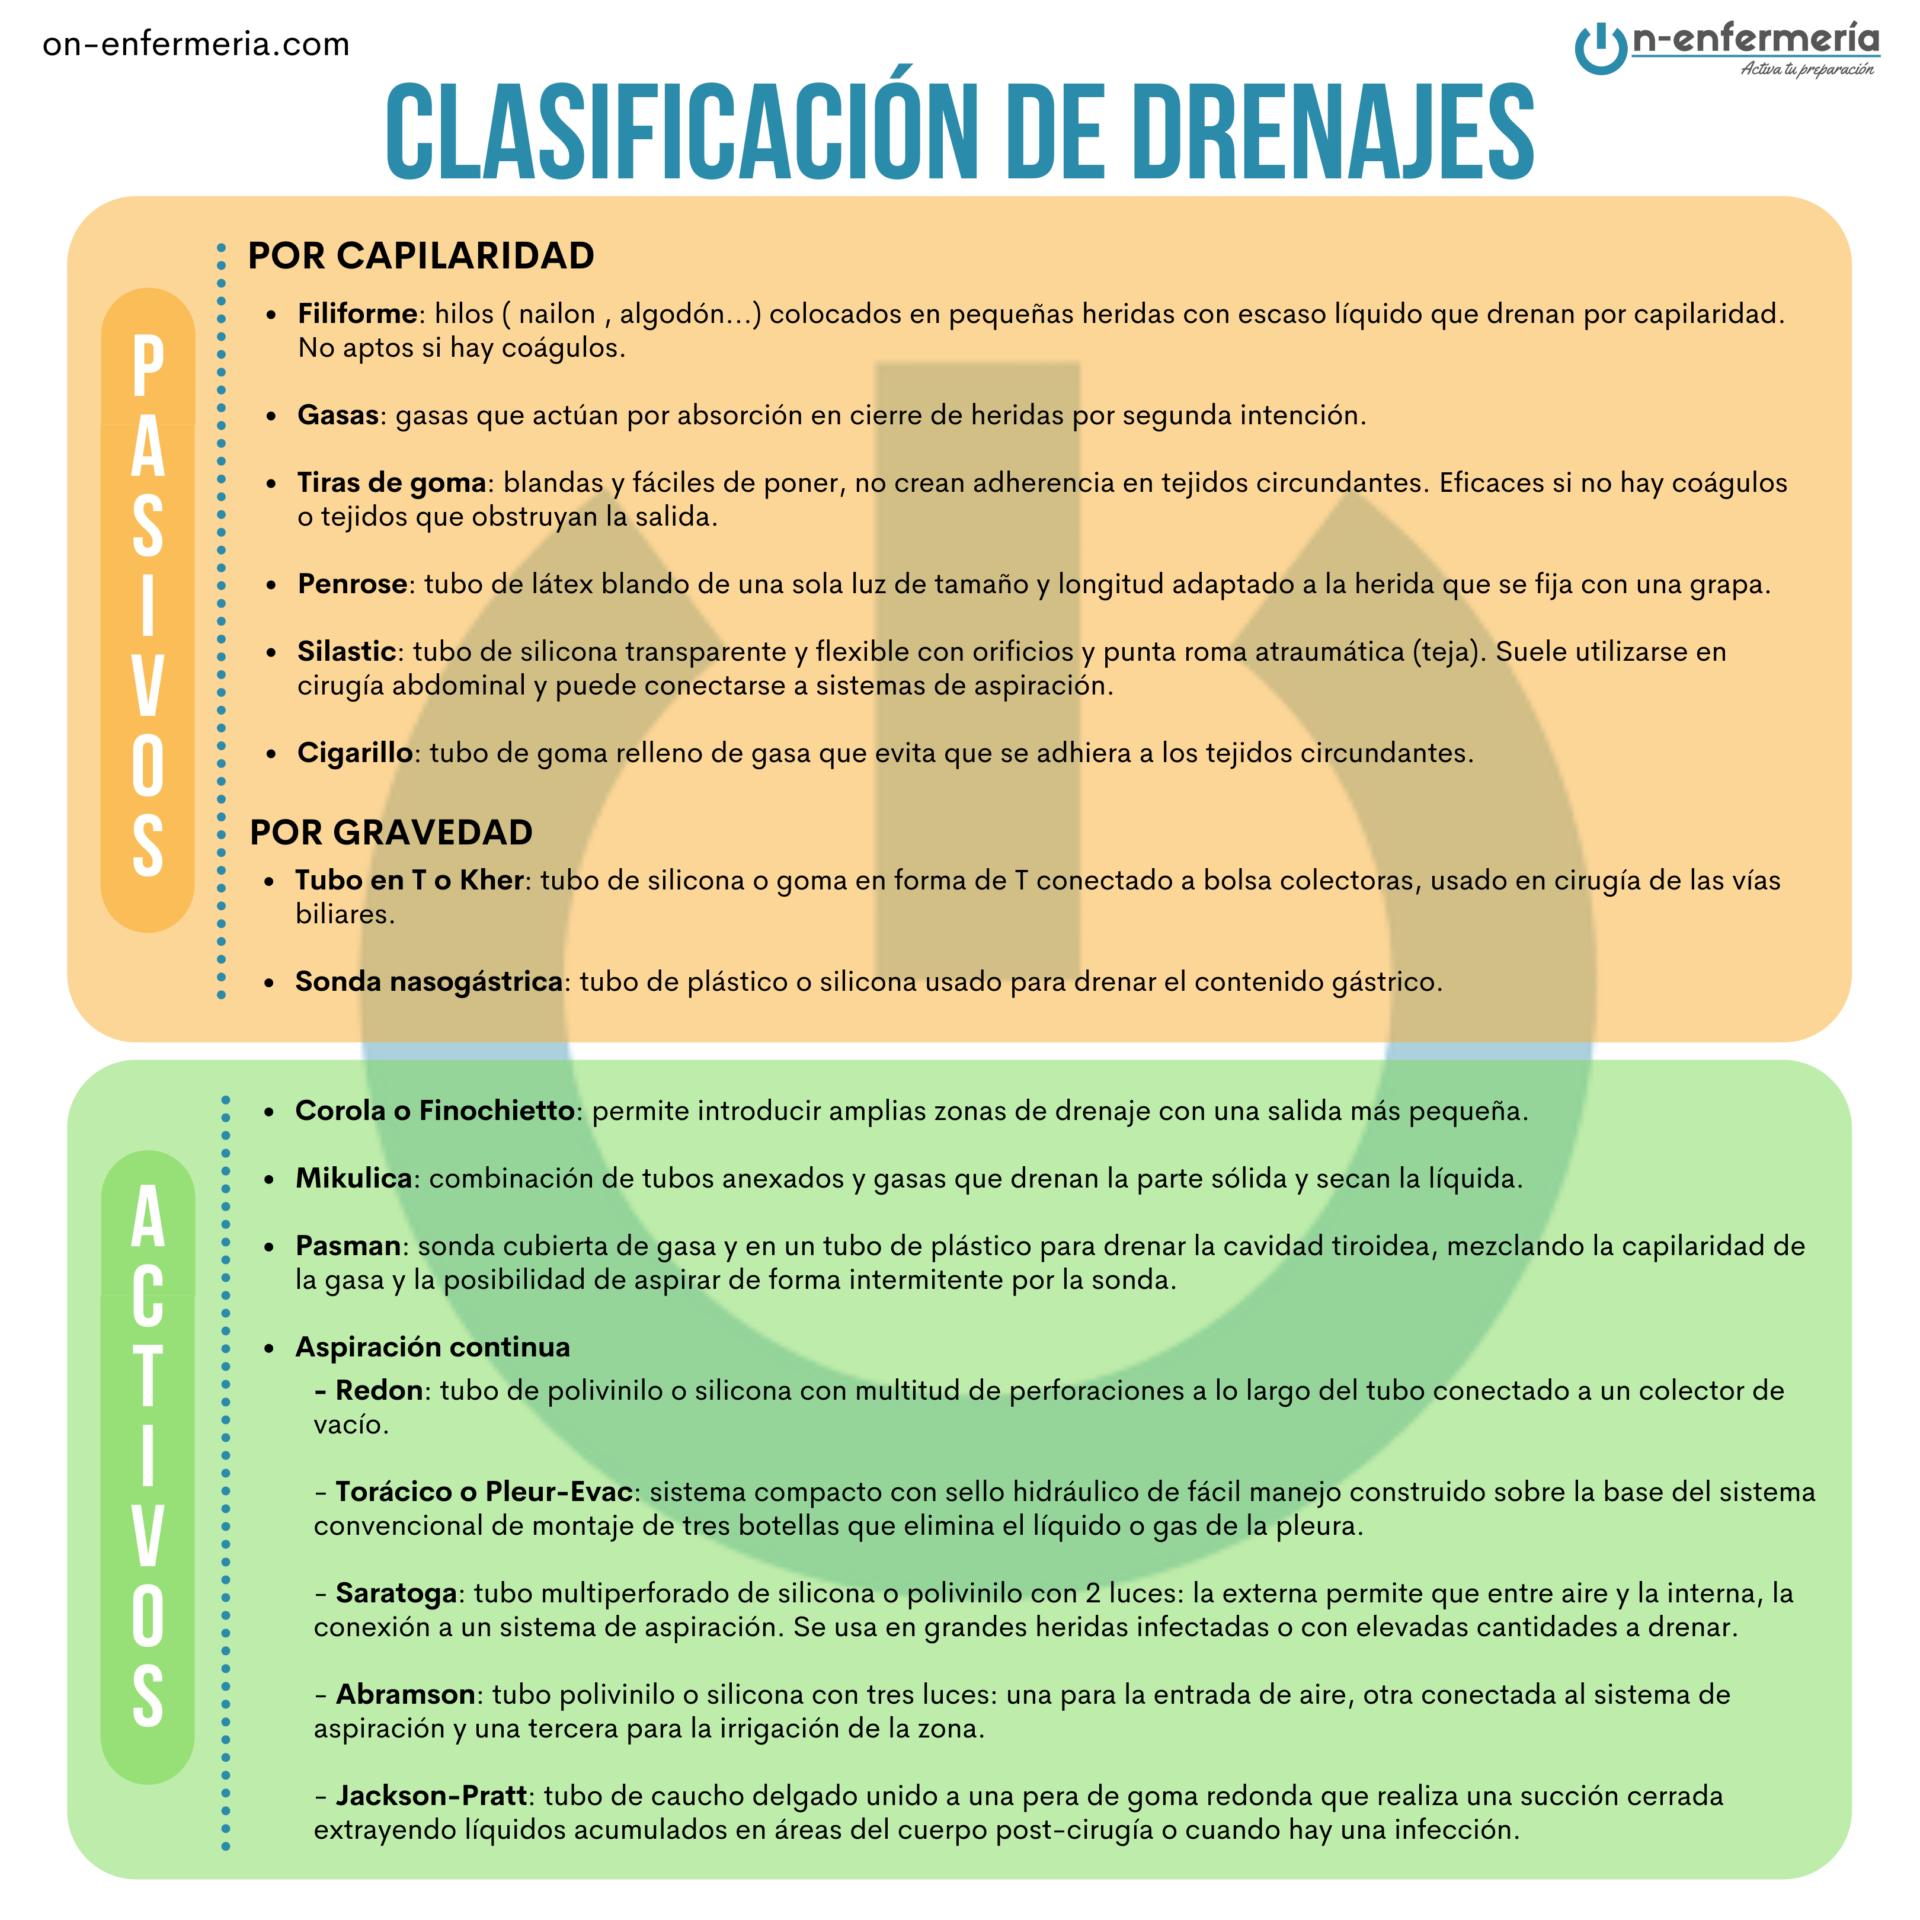 Tabla Clasificación de drenajes - Temario Enfermería Quirúrgica